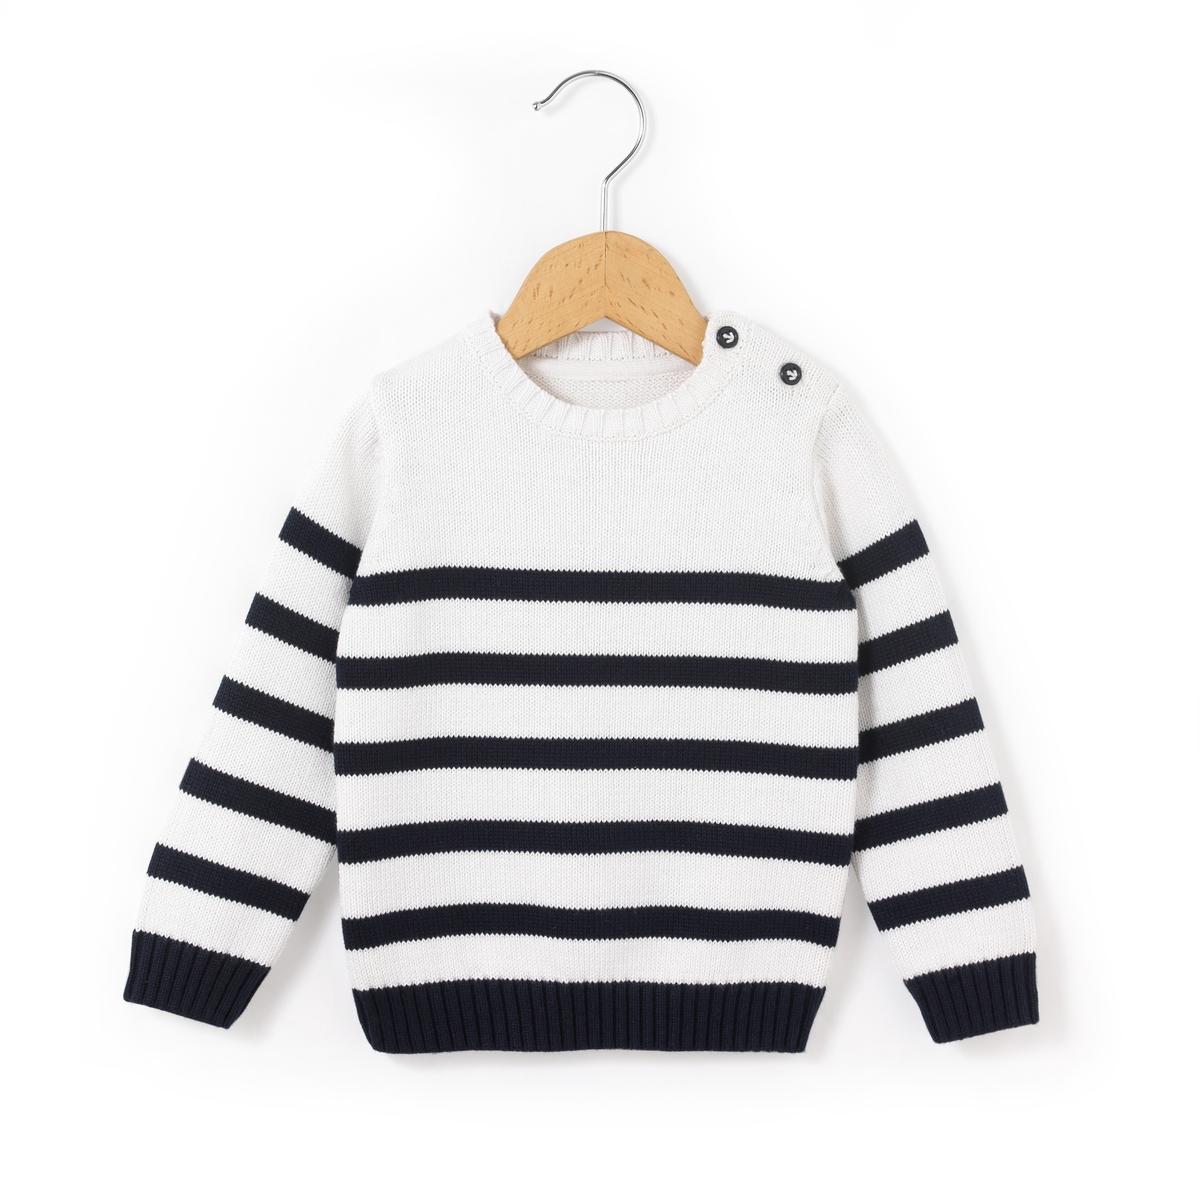 Пуловер в полоску, 1 мес. – 3 года